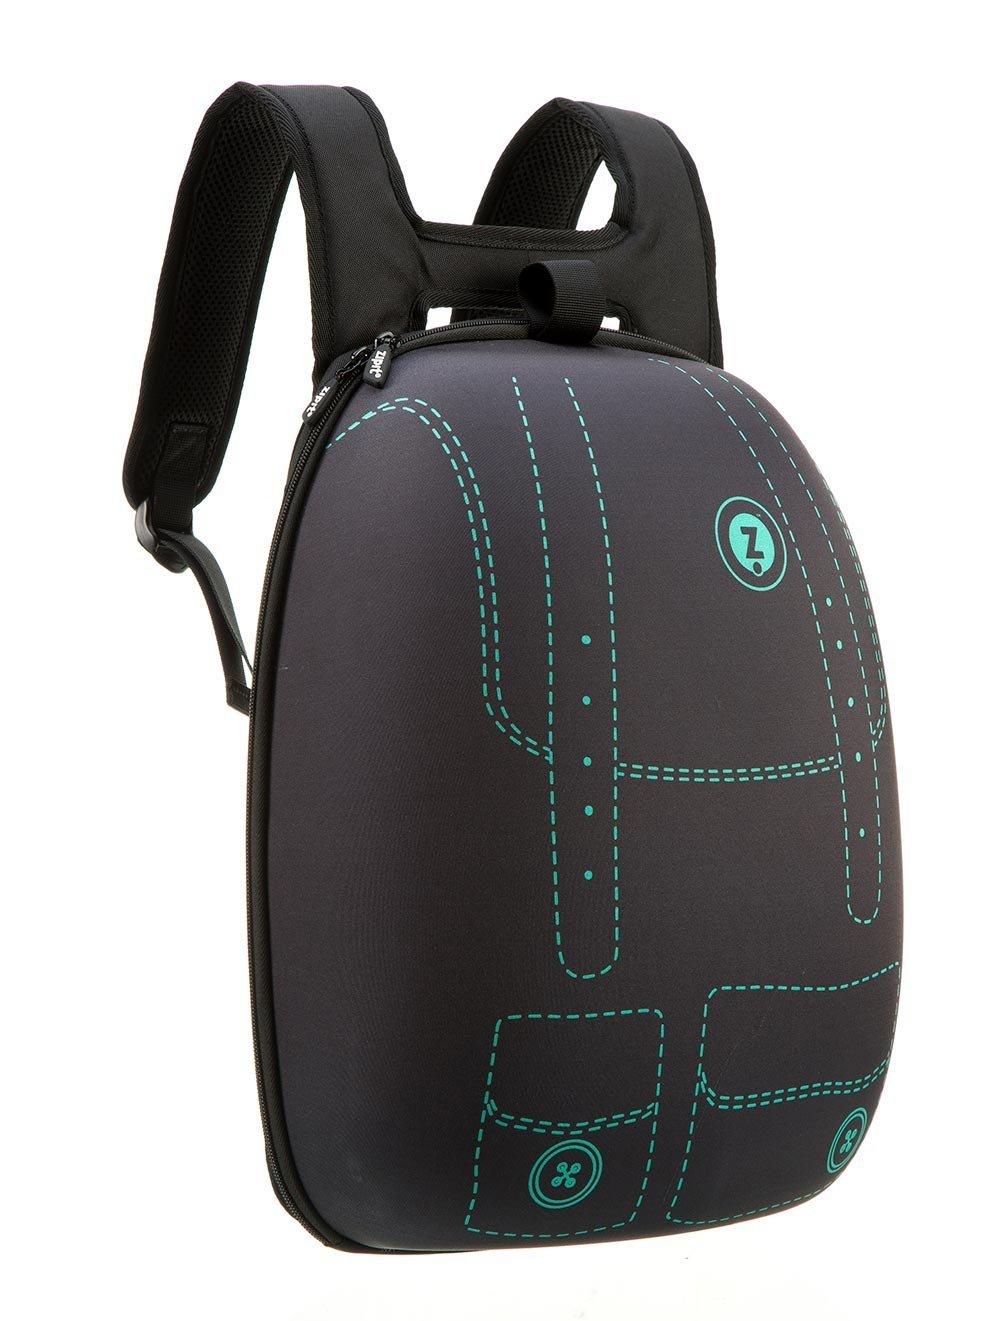 Рюкзак-панцирьШкольные рюкзаки<br>Рюкзак-панцирь<br>